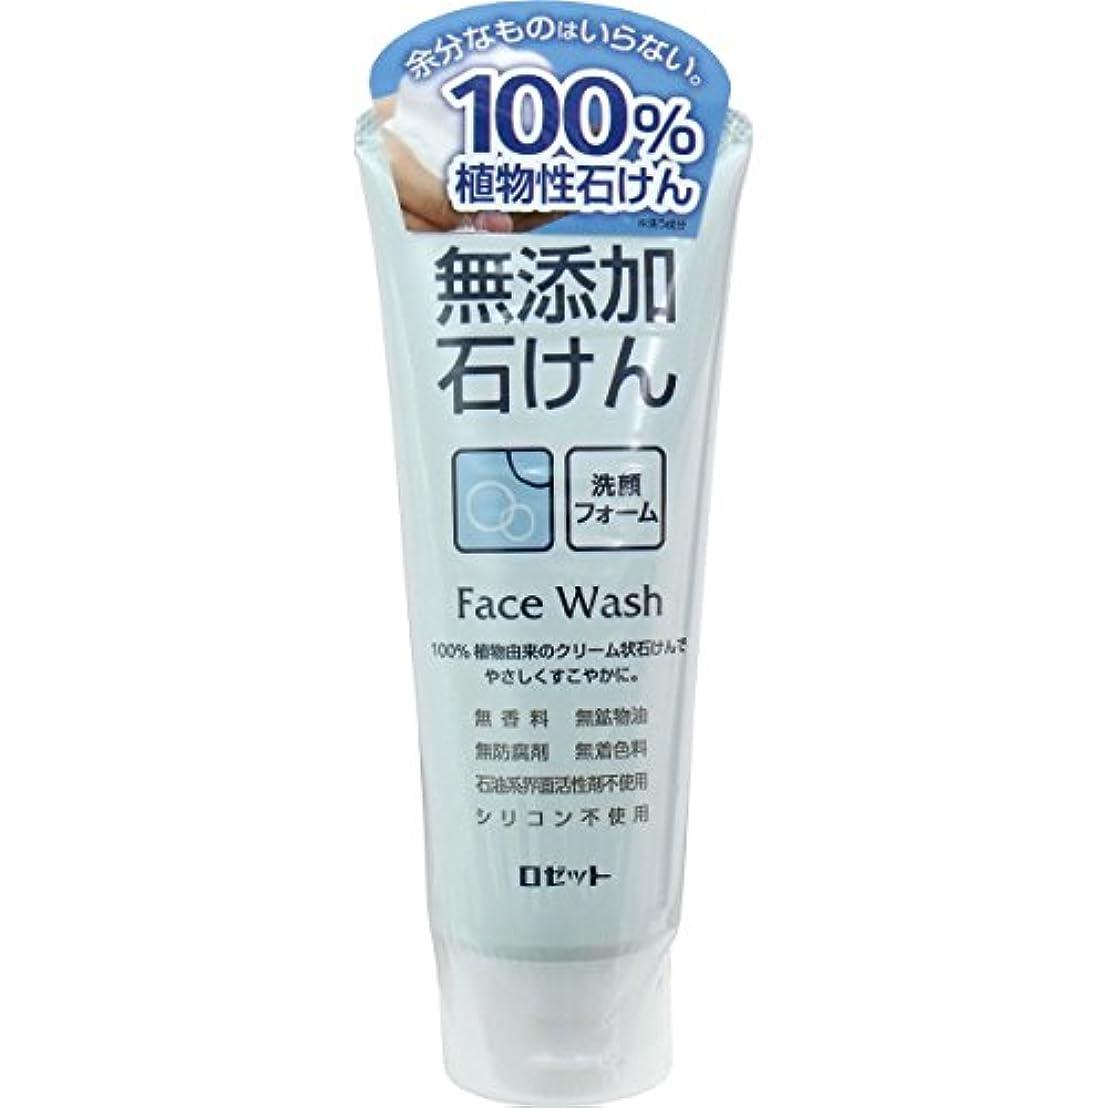 泳ぐ狂信者下着【ロゼット】無添加石けん 洗顔フォーム 140g ×20個セット